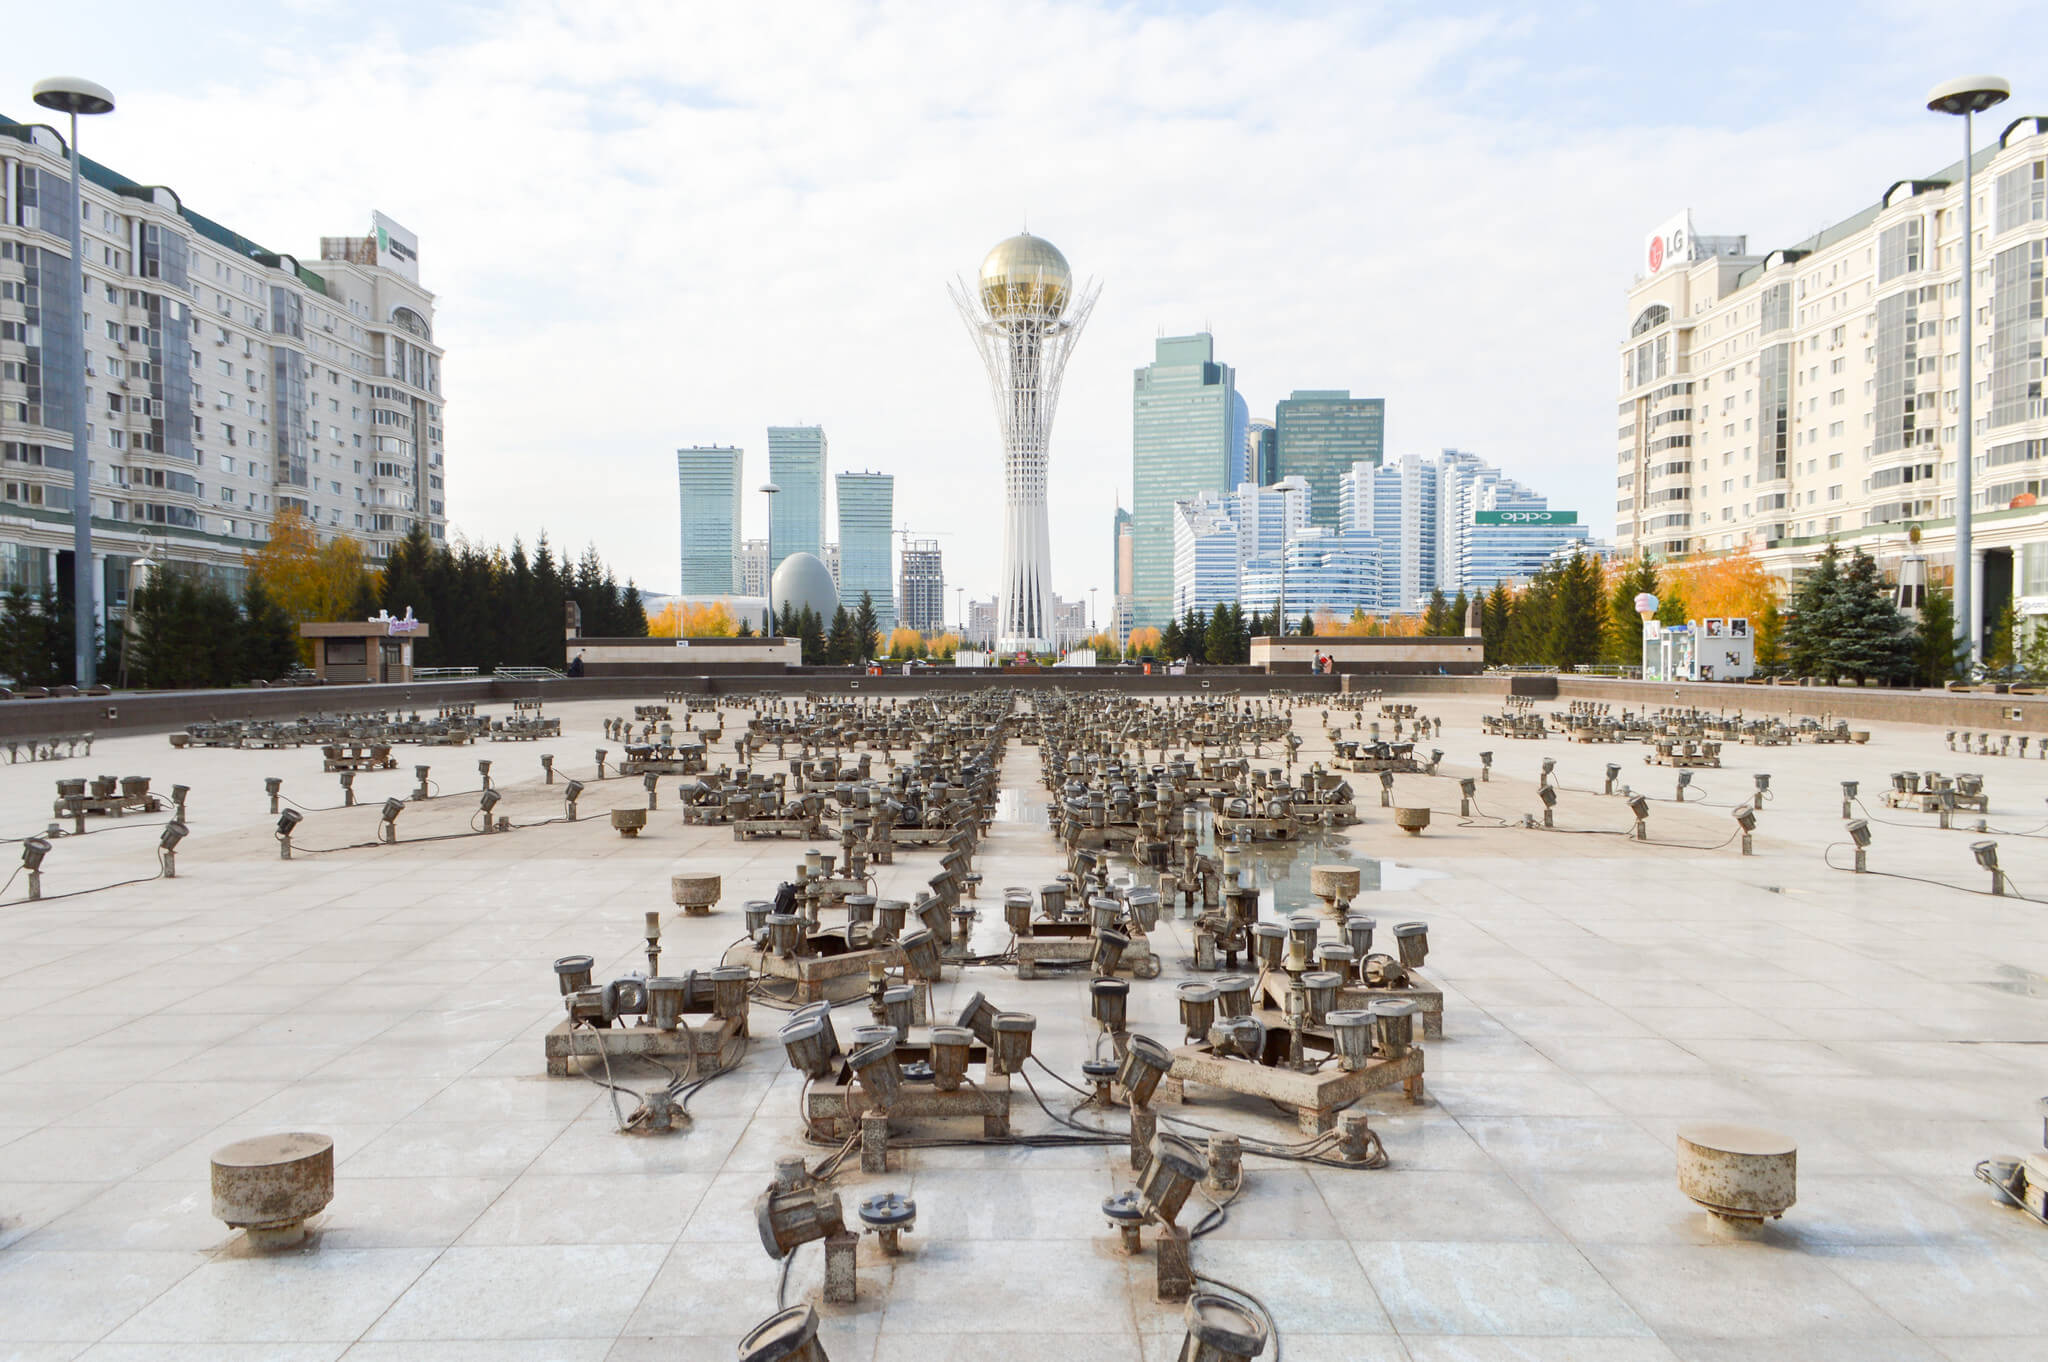 Nur-Sultan, Kazakhstan